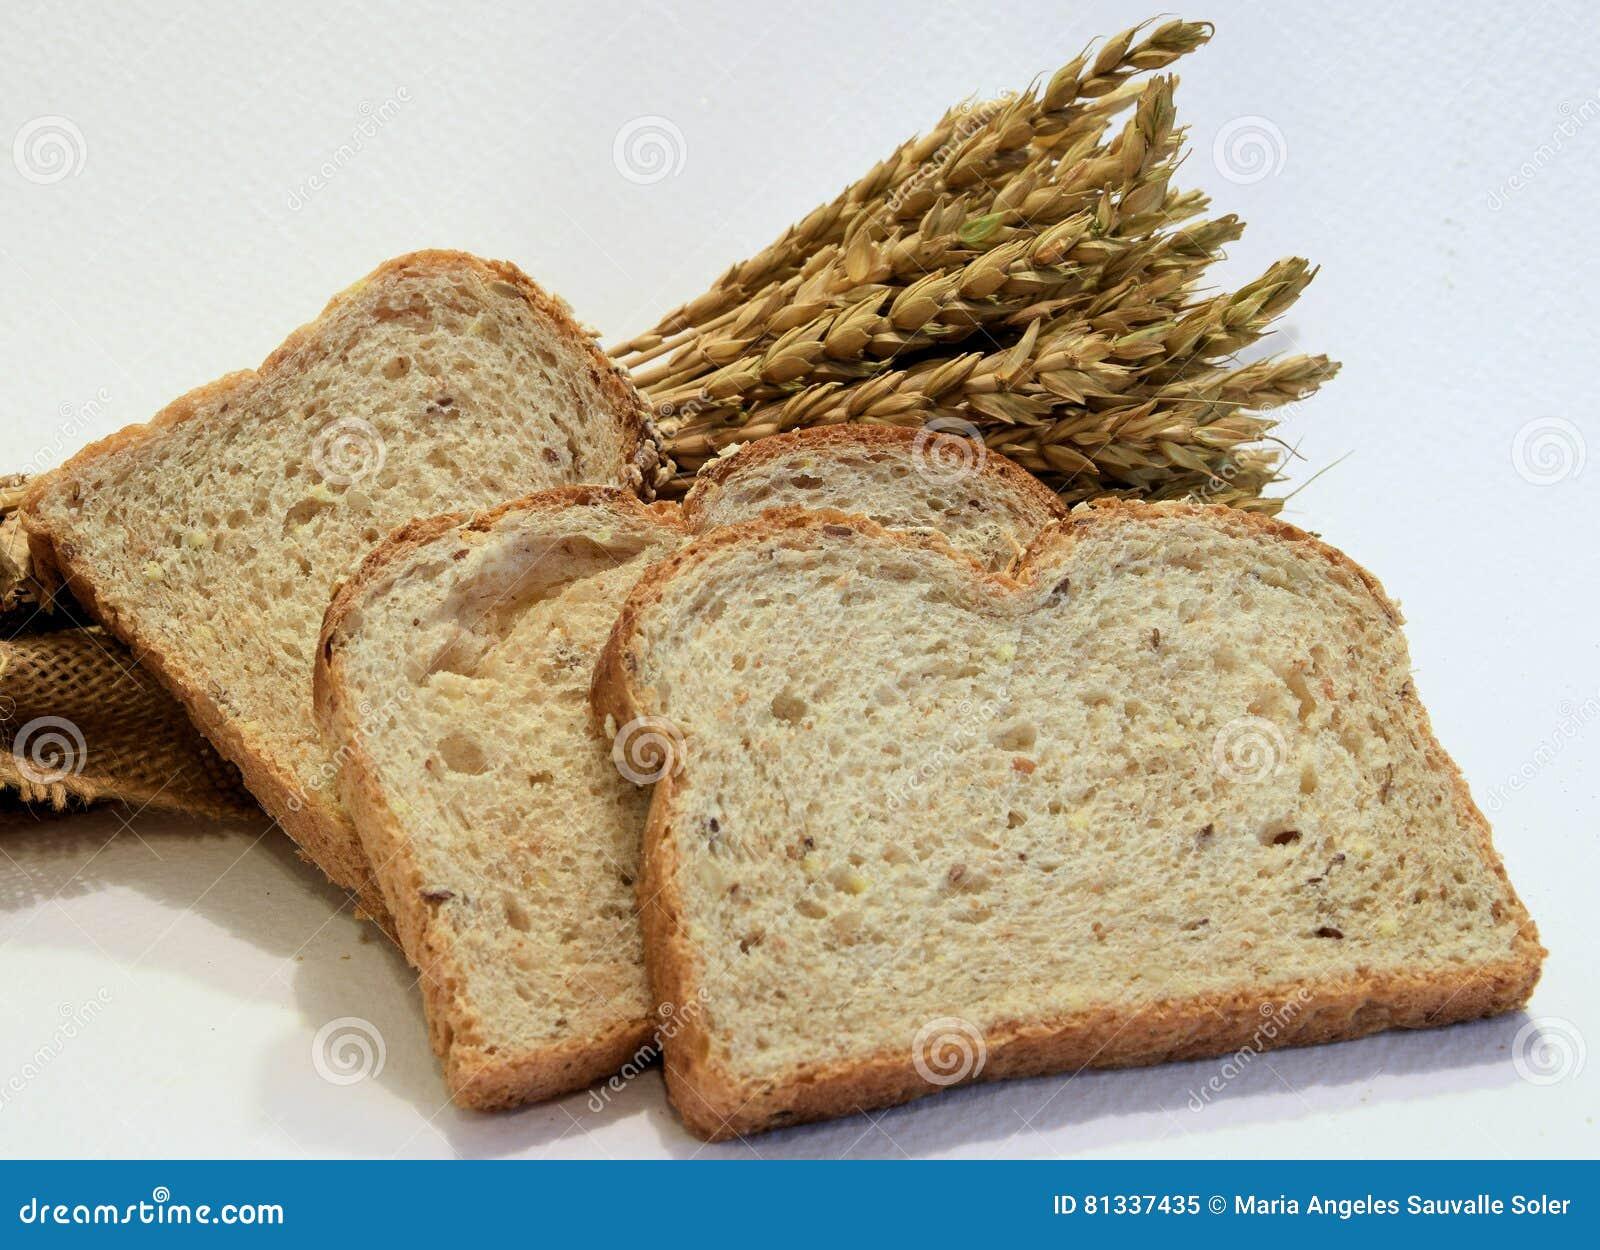 Barras de pan con los oídos